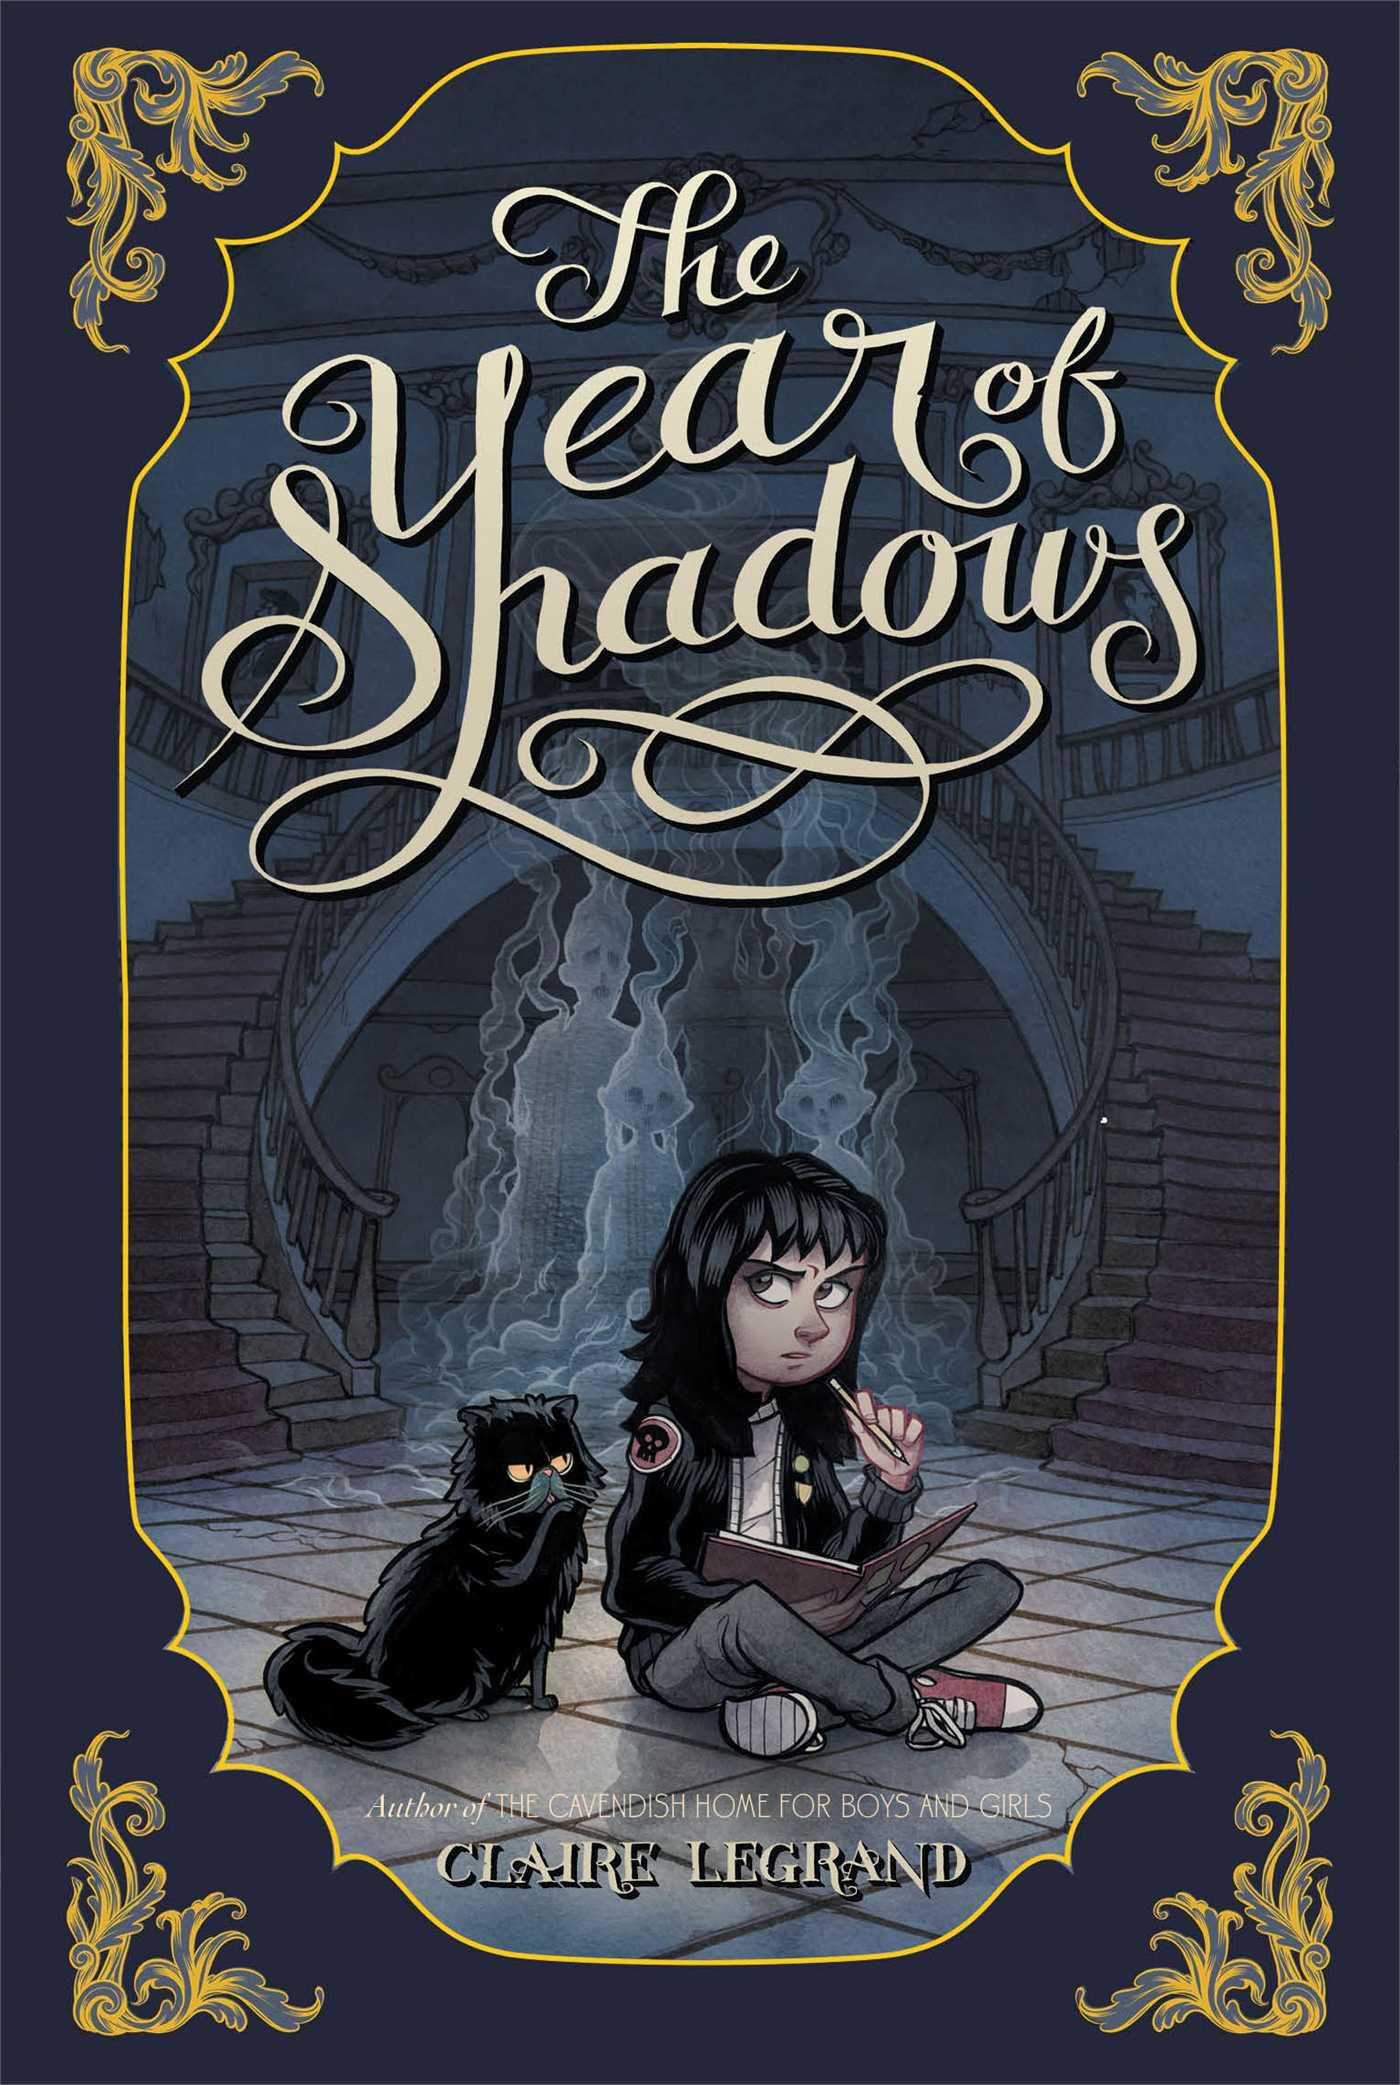 claire-legrand-year-shadows.jpg